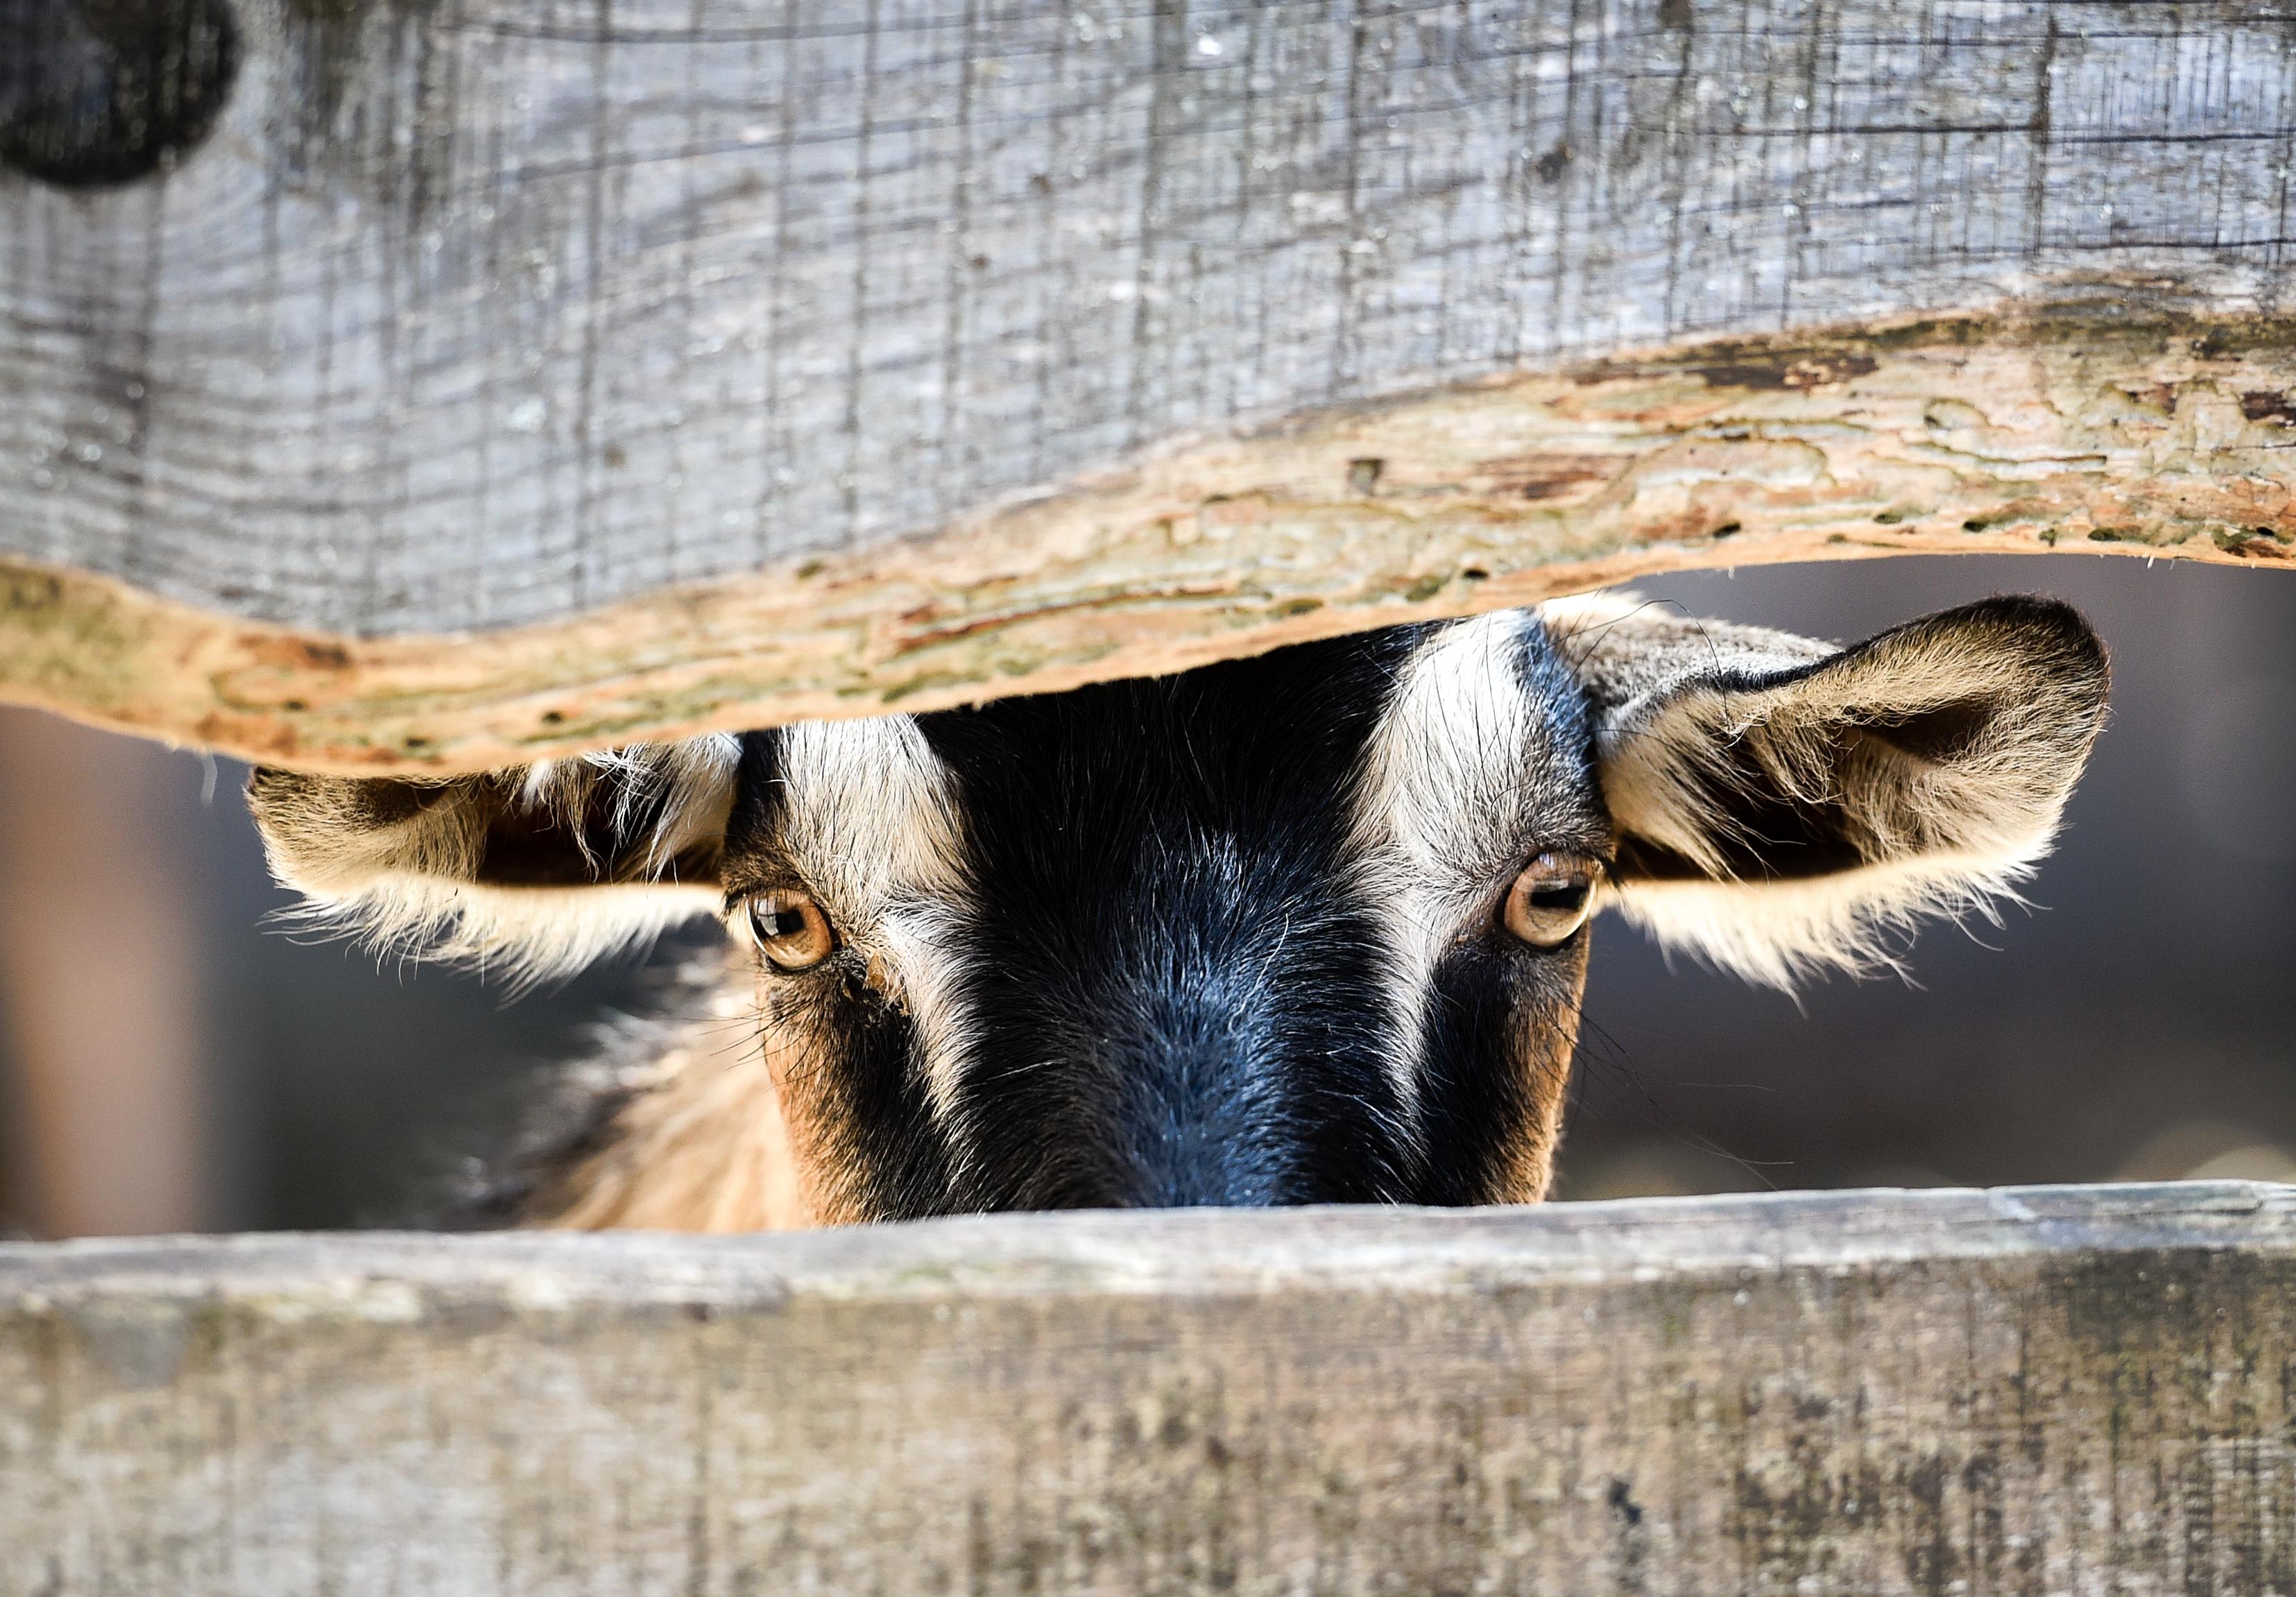 Спа на сеновале и дойка коз: за что иностранцы полюбили подмосковную ферму